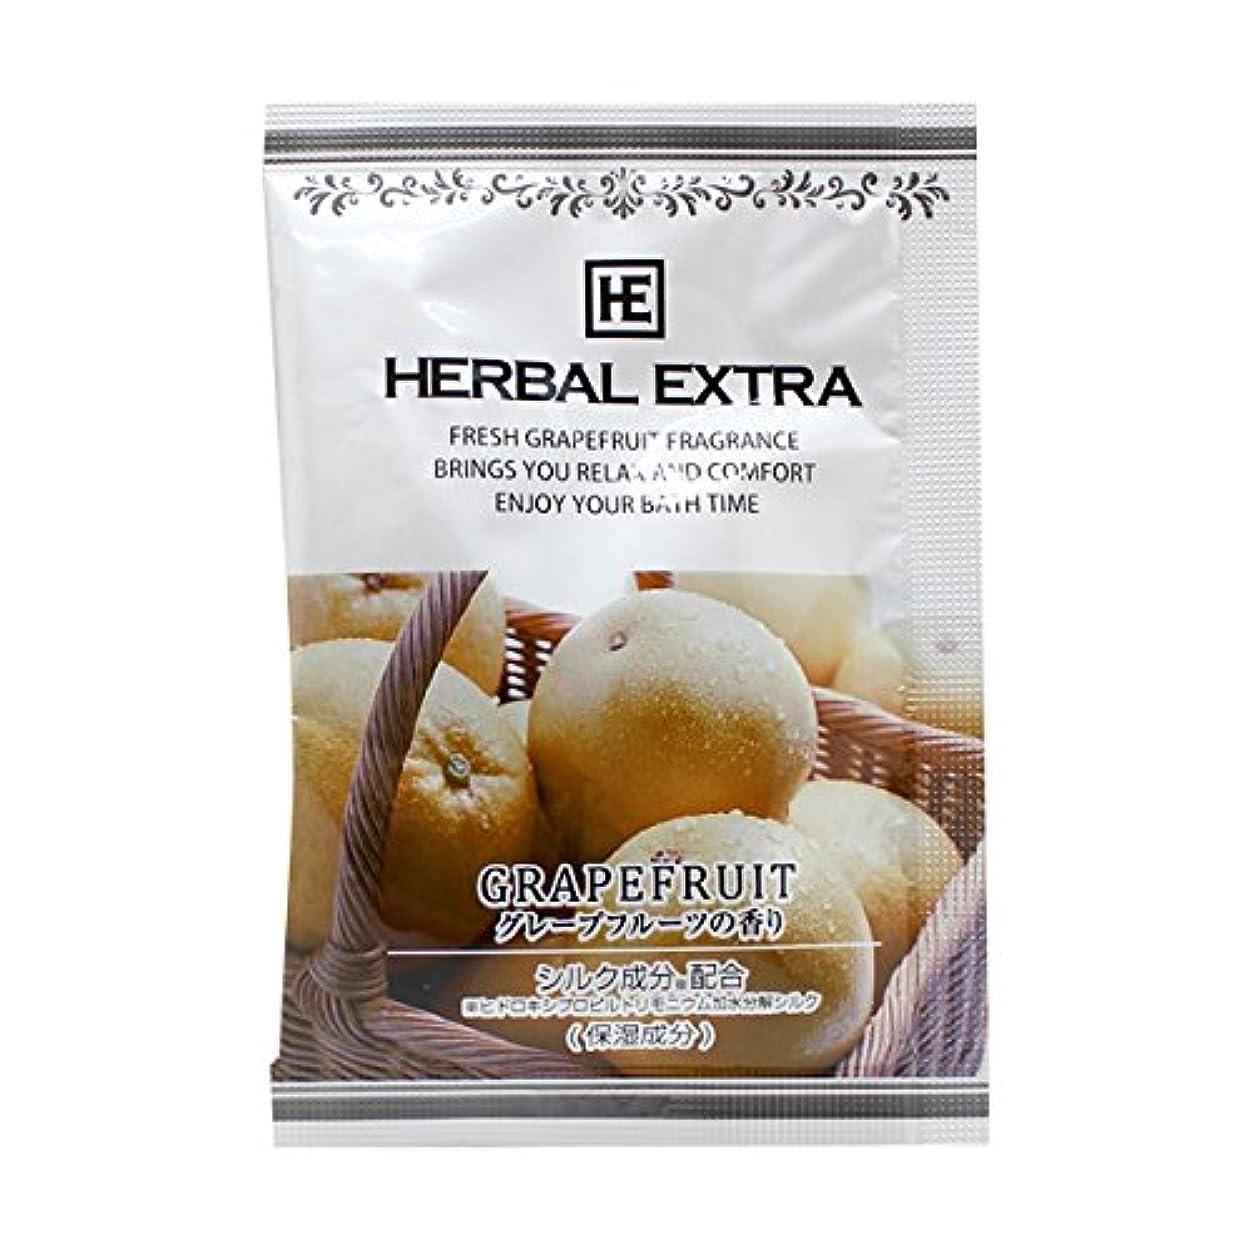 歯科医ヤギいっぱい入浴剤 ハーバルエクストラ「グレープフルーツの香り」30個